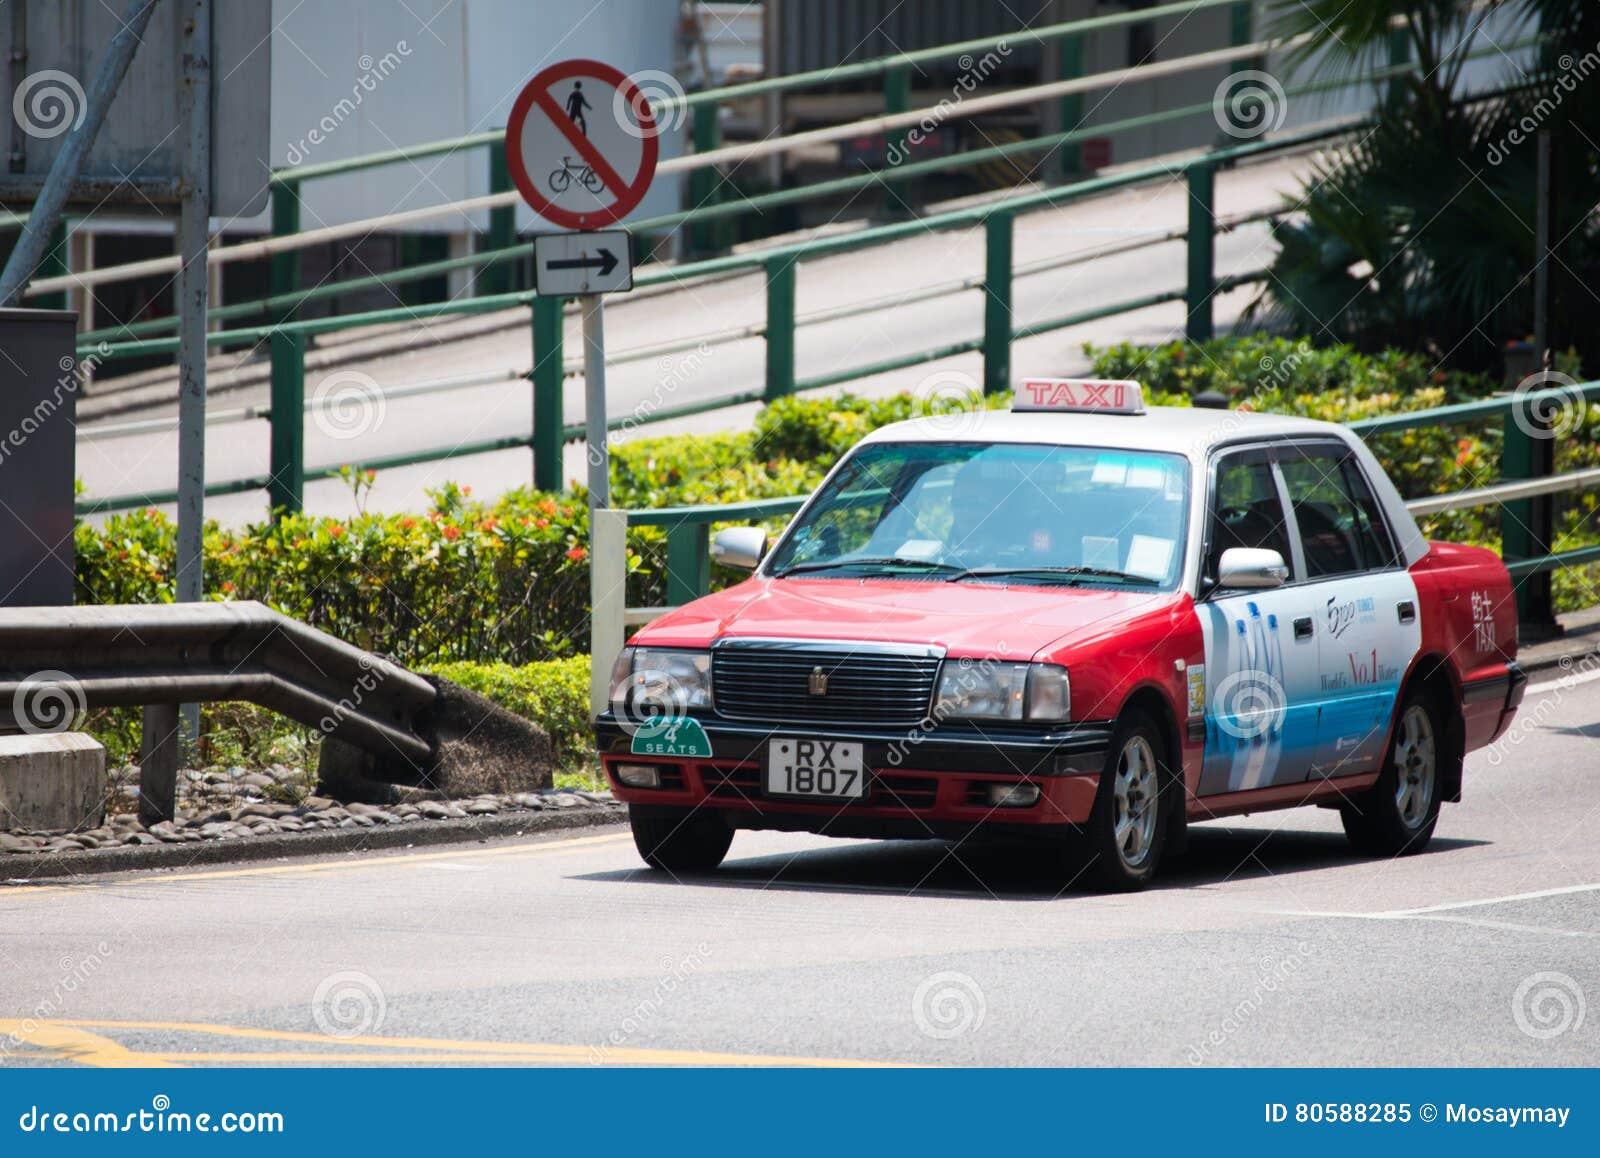 Χονγκ Κονγκ - 22 Σεπτεμβρίου 2016: Κόκκινο ταξί στο δρόμο, Χονγκ Κονγκ `